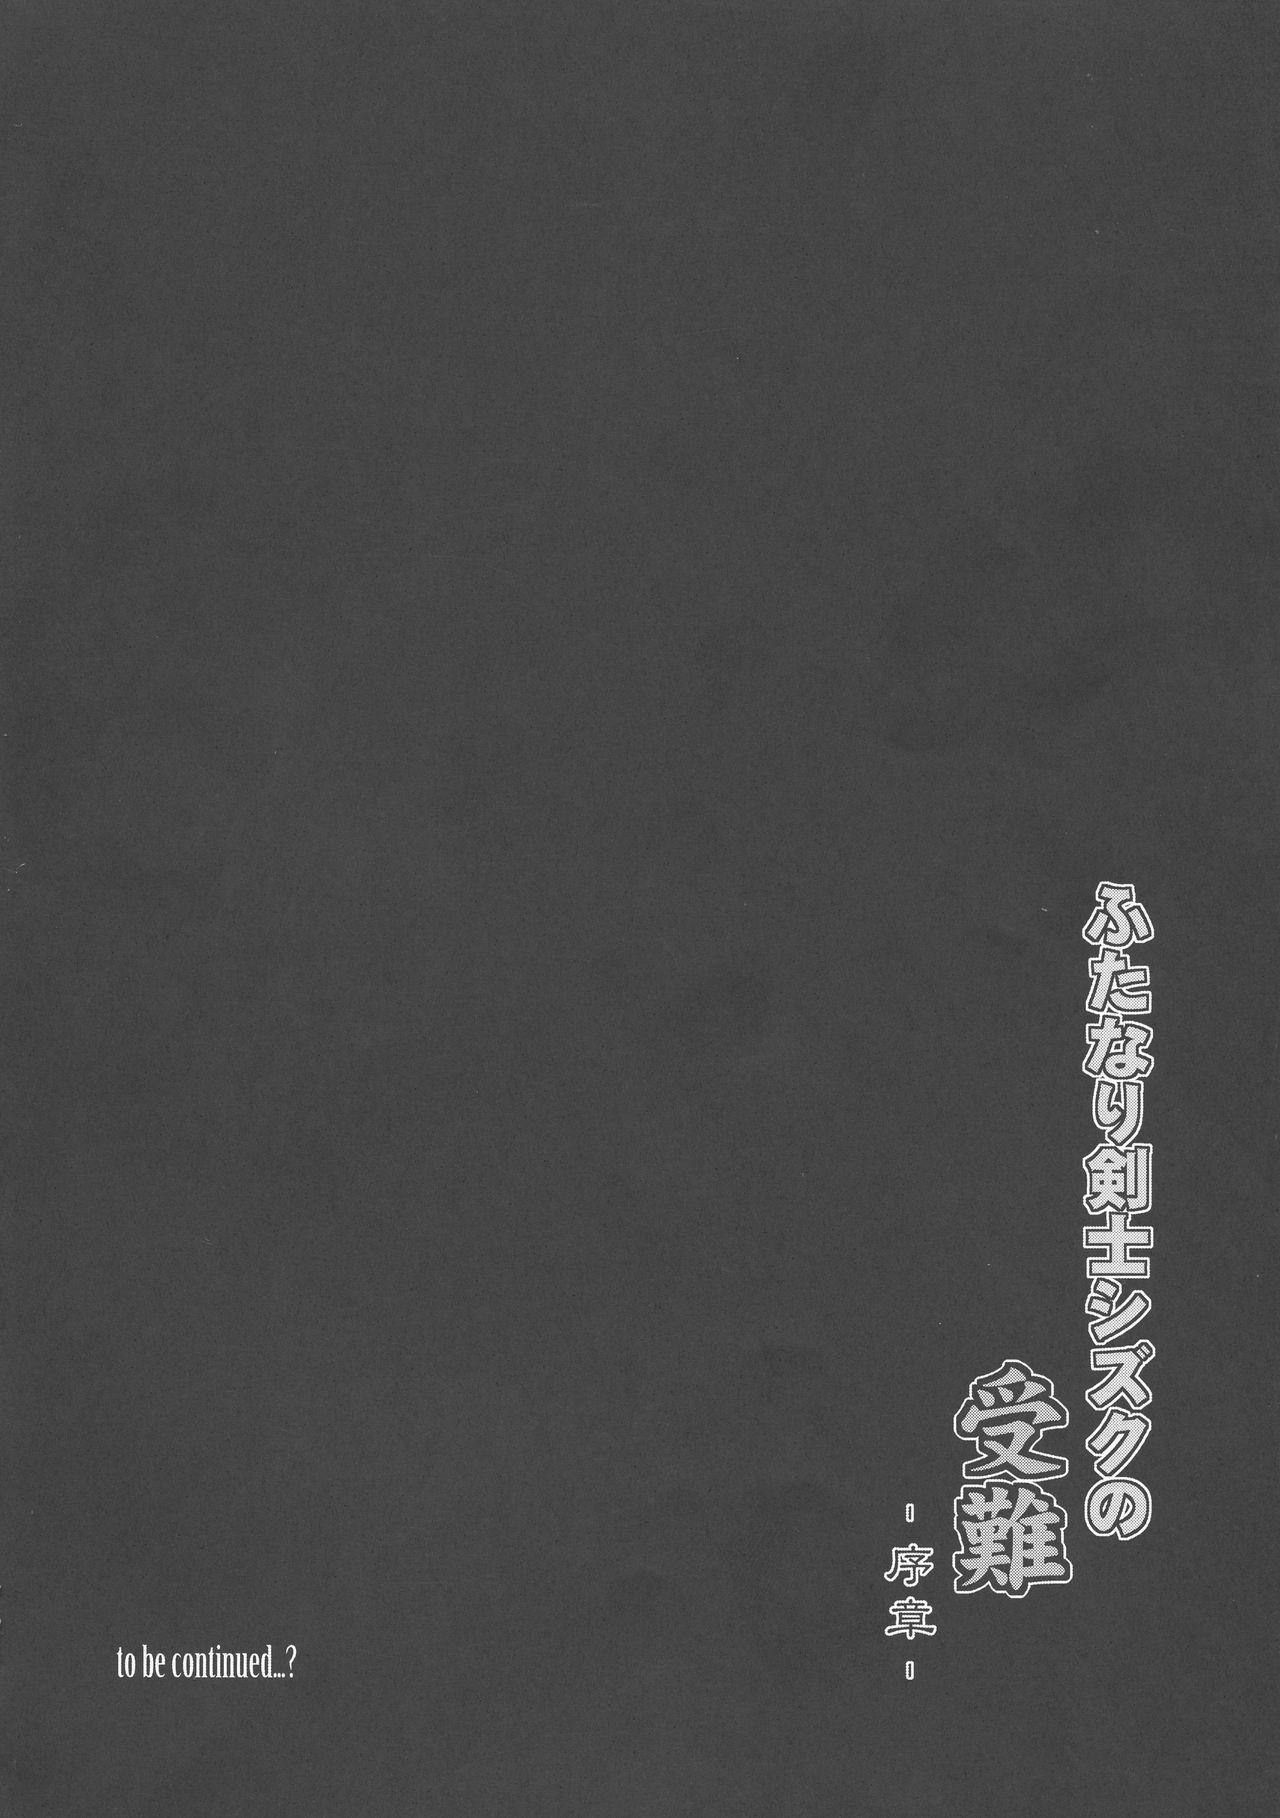 Futanari Kenshi Shizuku no Junan 17